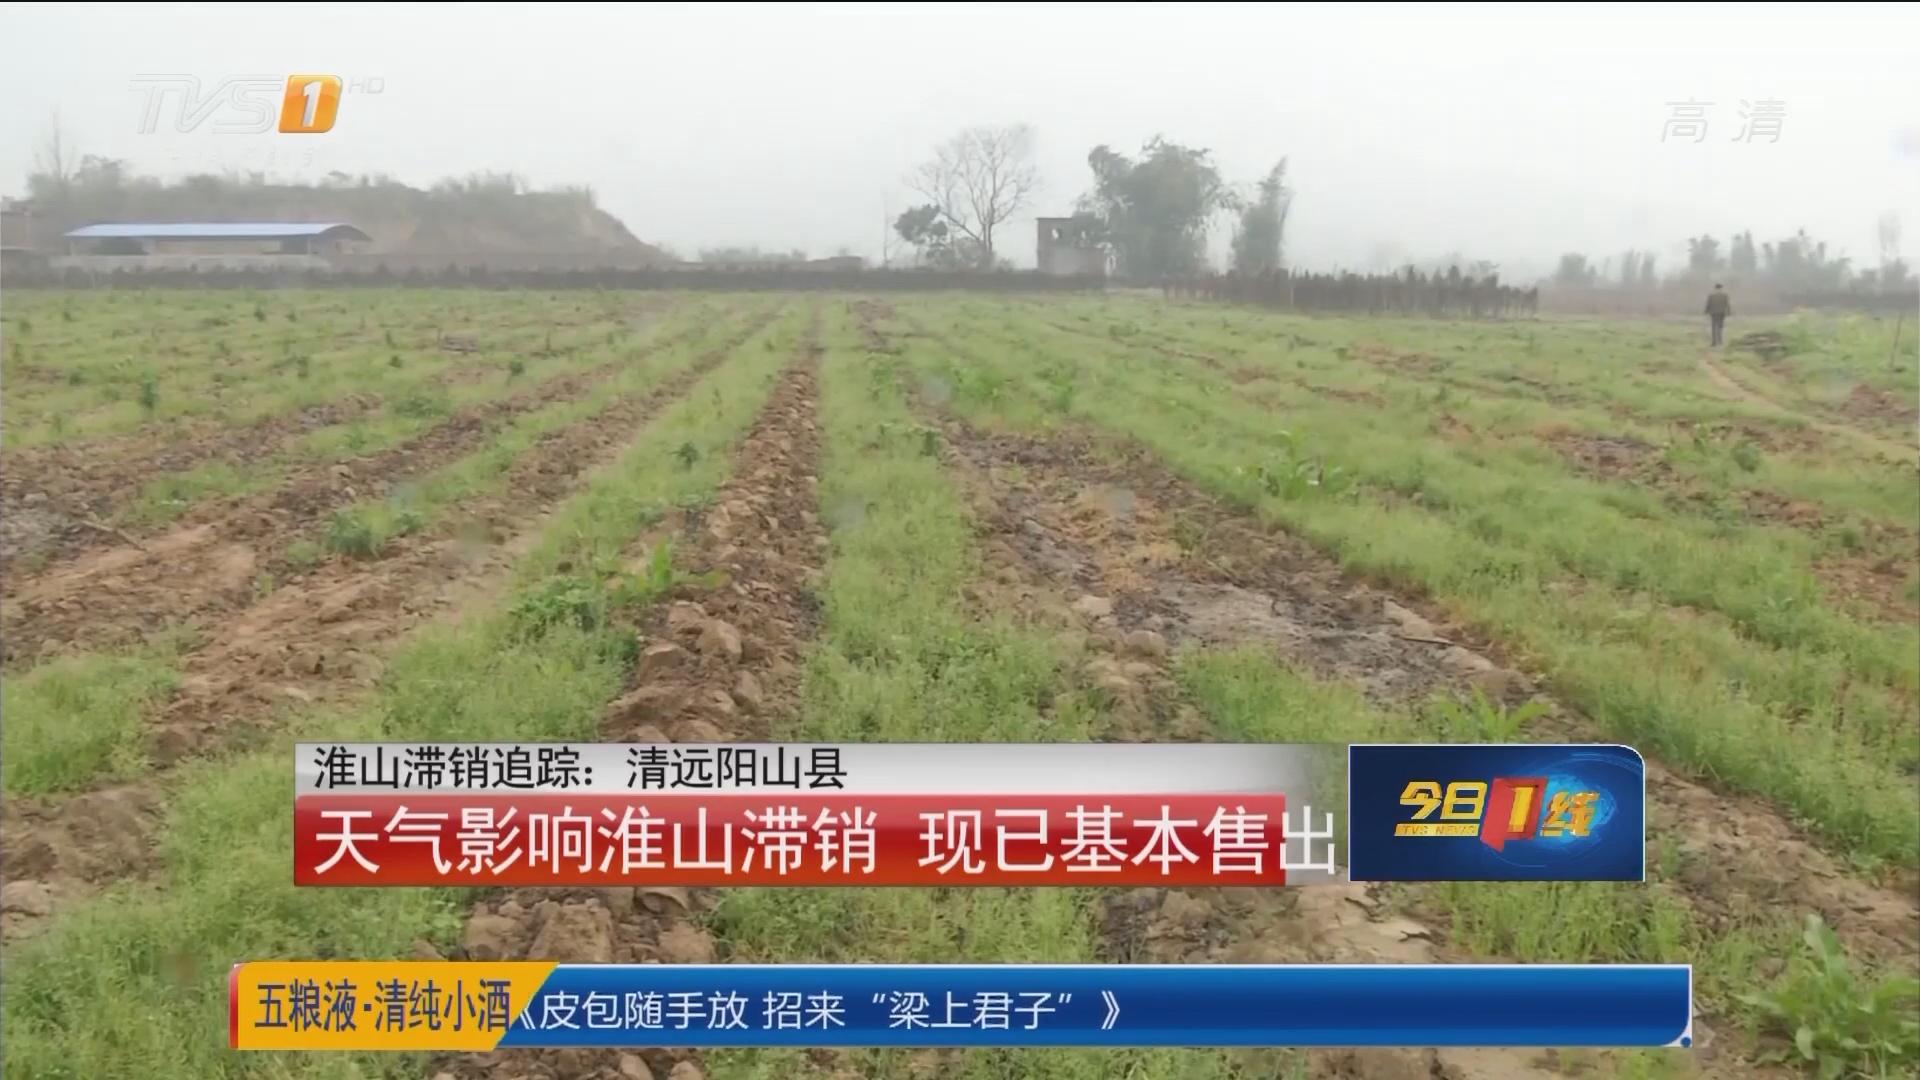 淮山滞销追踪:清远阳山县 天气影响淮山滞销 现已基本售出